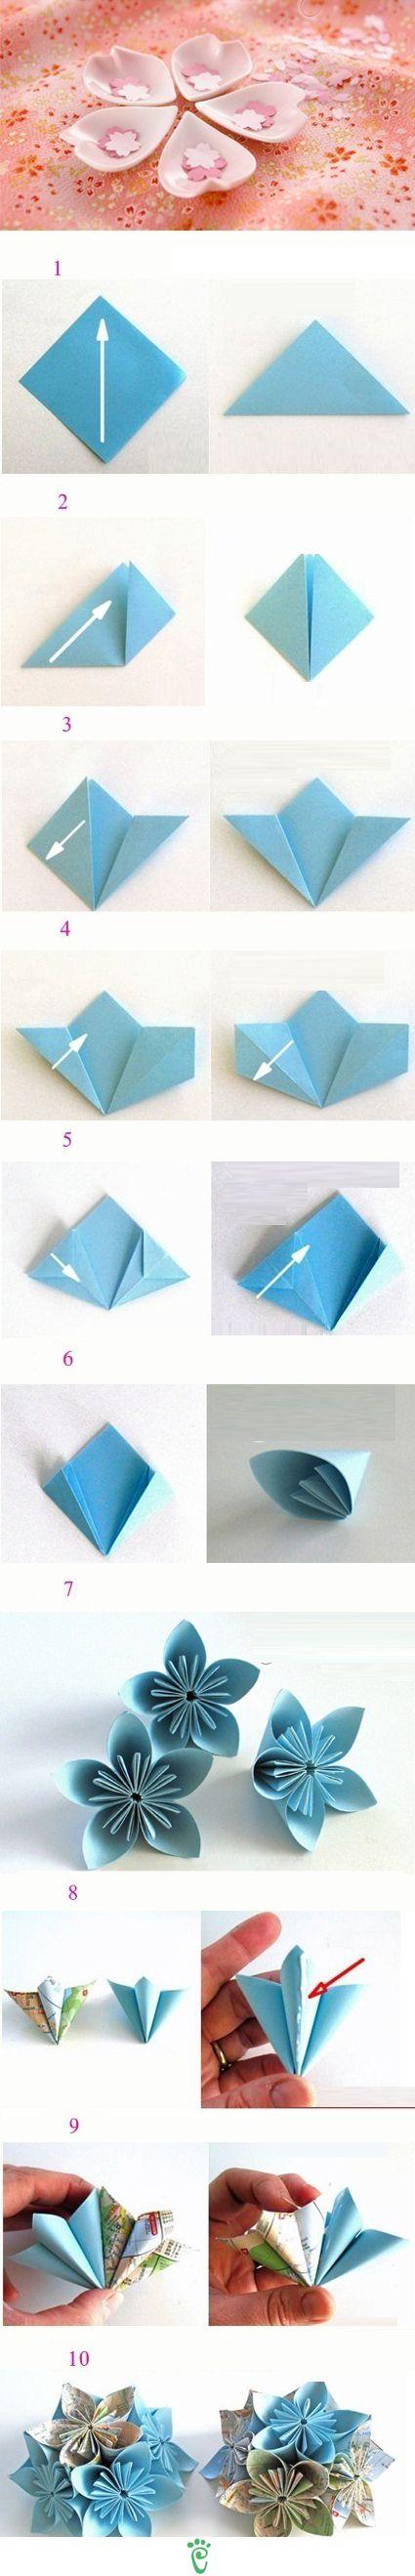 Origami Blume mit Landkarte